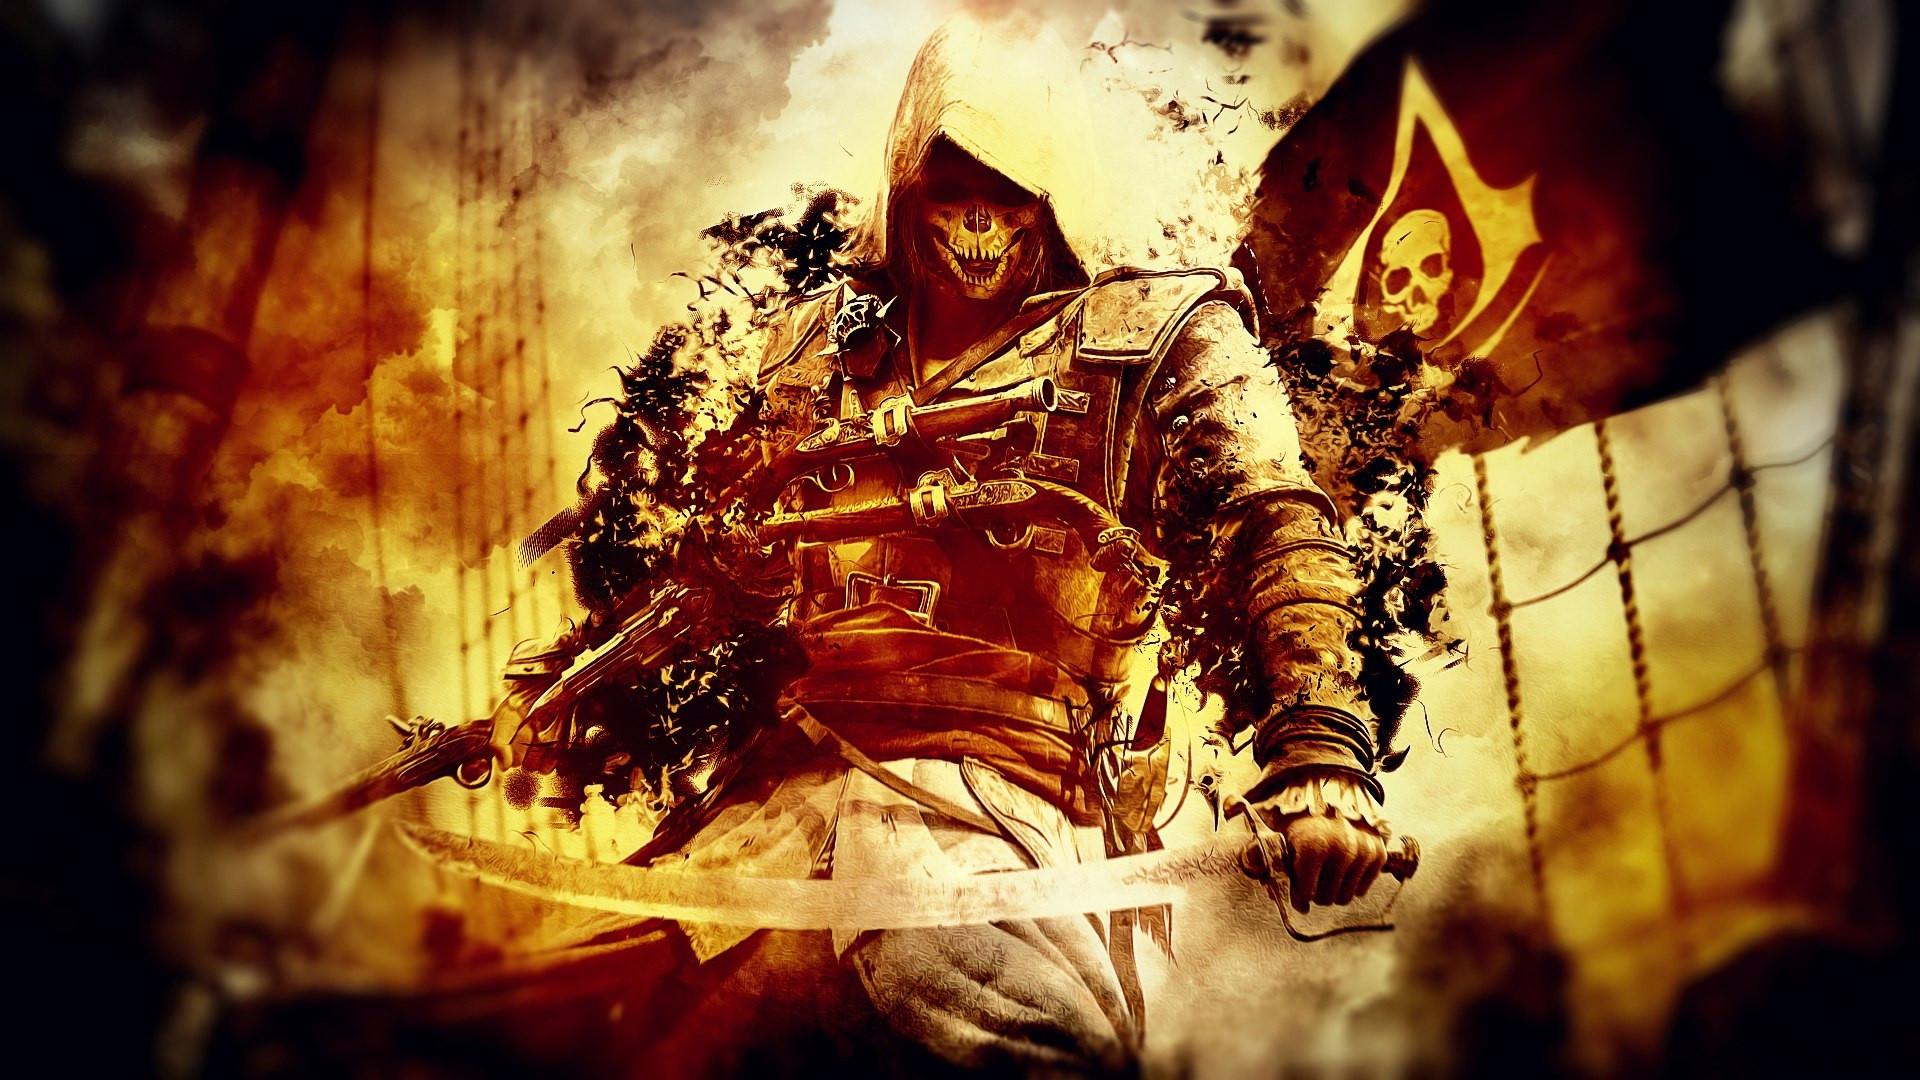 обои assassins creed, герой, мечи, маска картинки фото